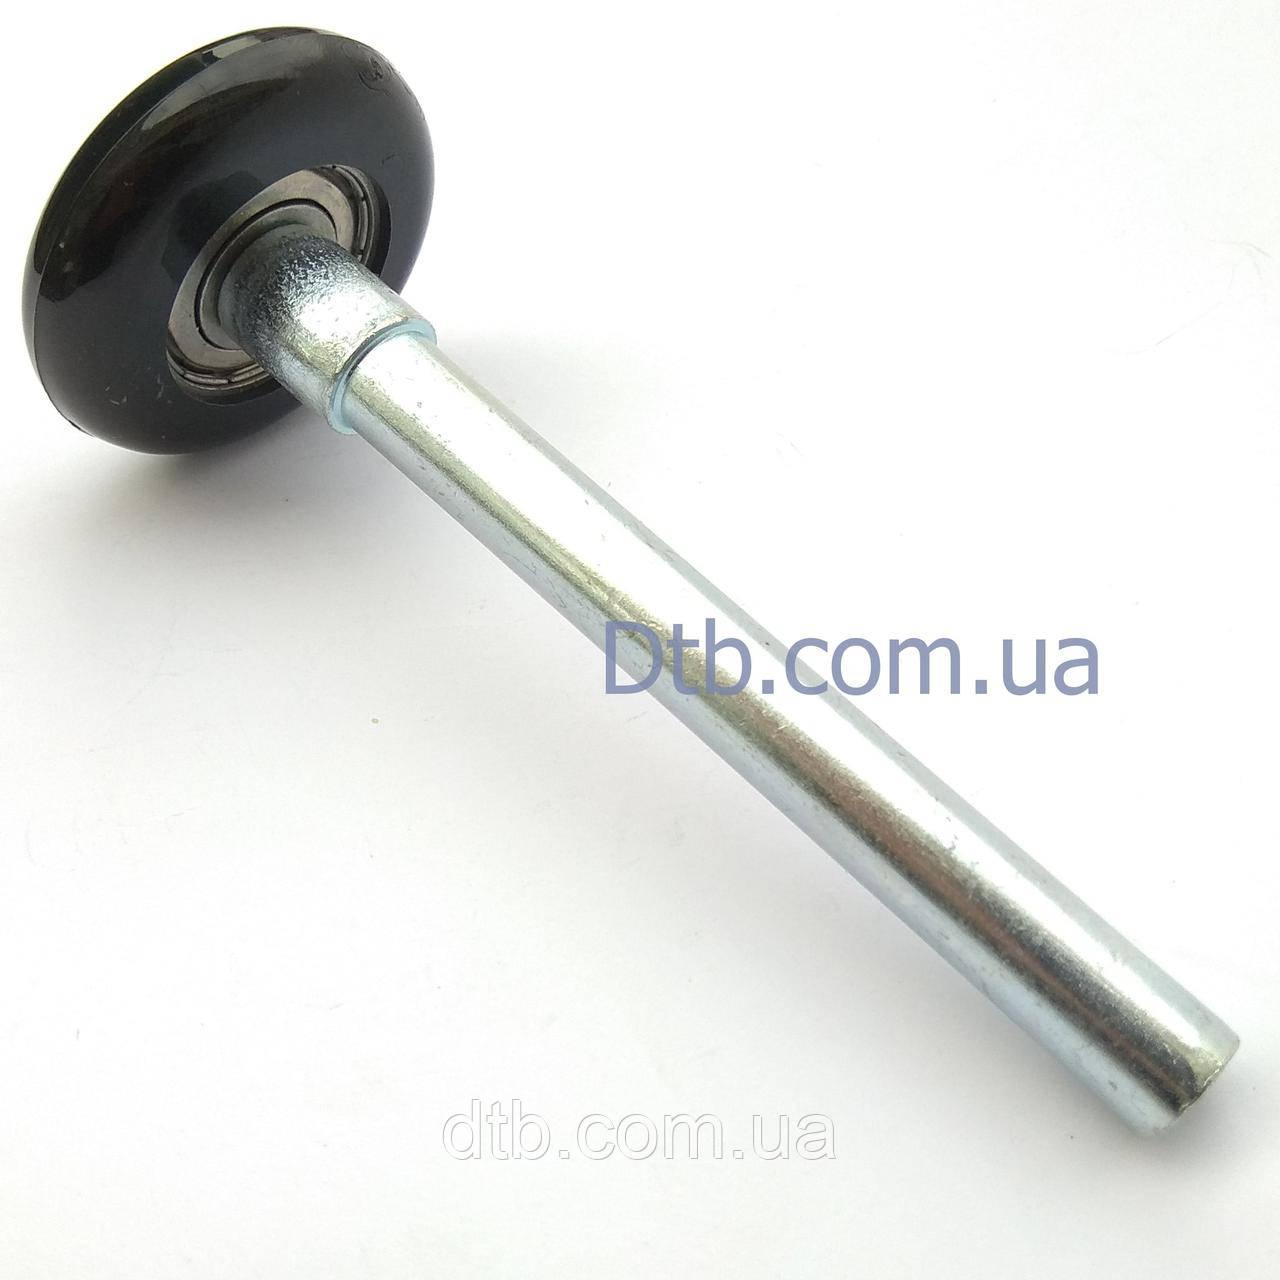 Ролик 46х120х11 мм для ворот ролет гаражных и автомобильных 25010B